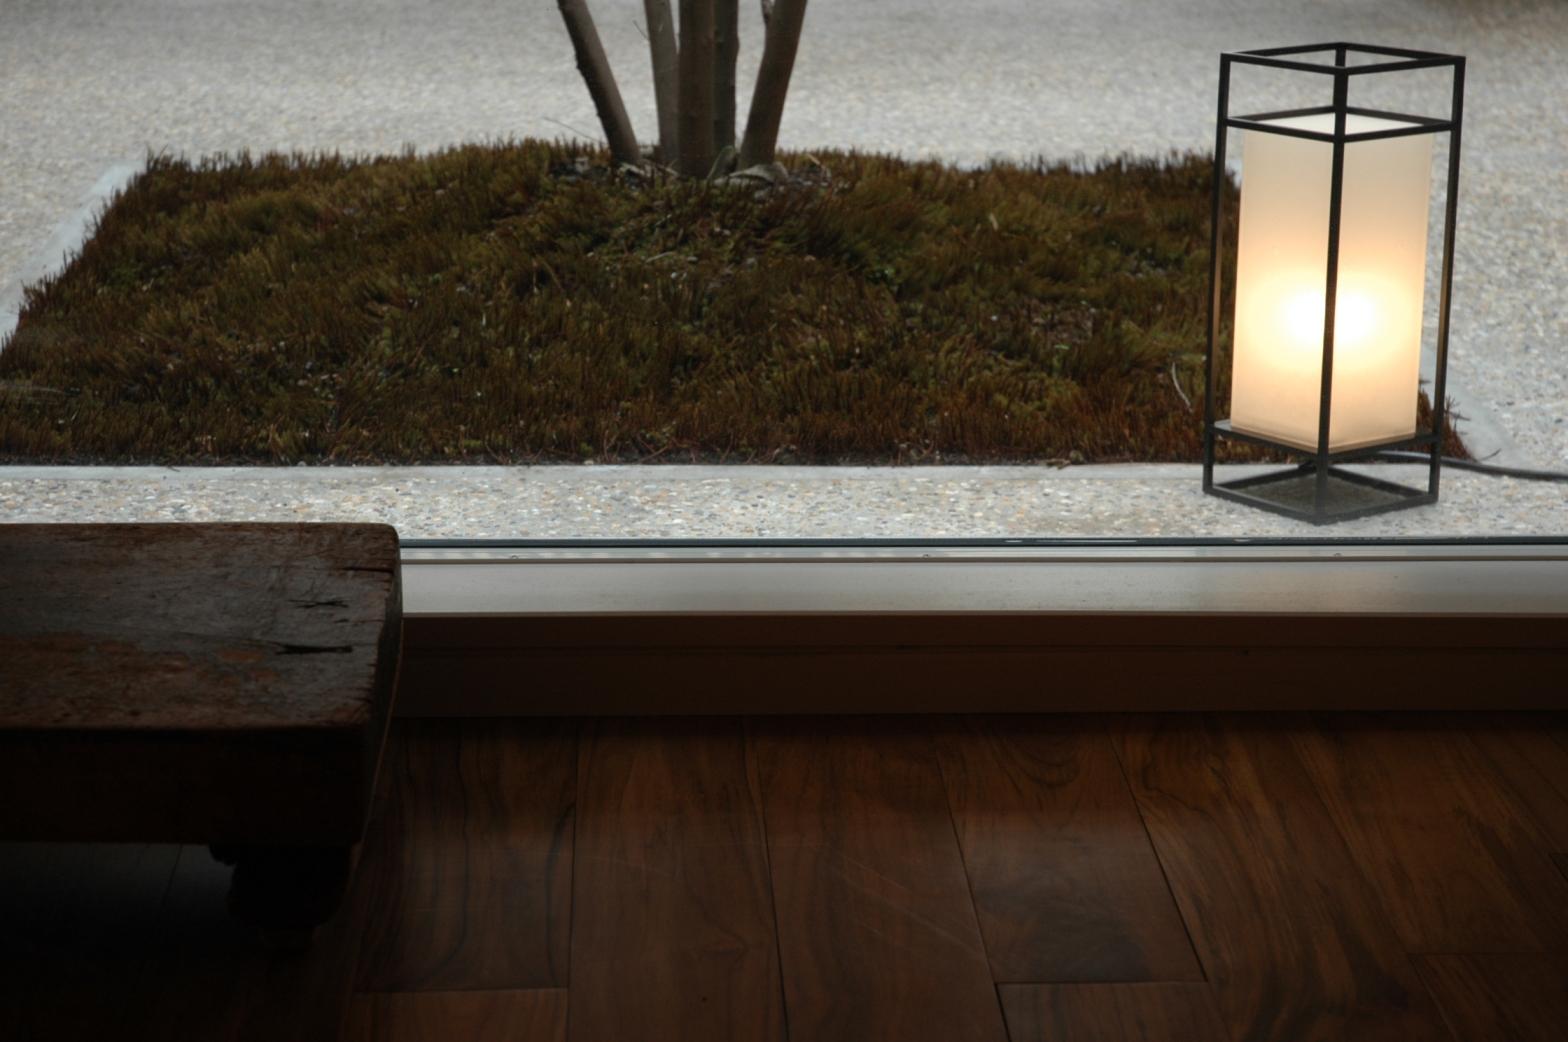 和室をやわらかく温かく照らす。モダン照明を種類別にご紹介のサムネイル画像